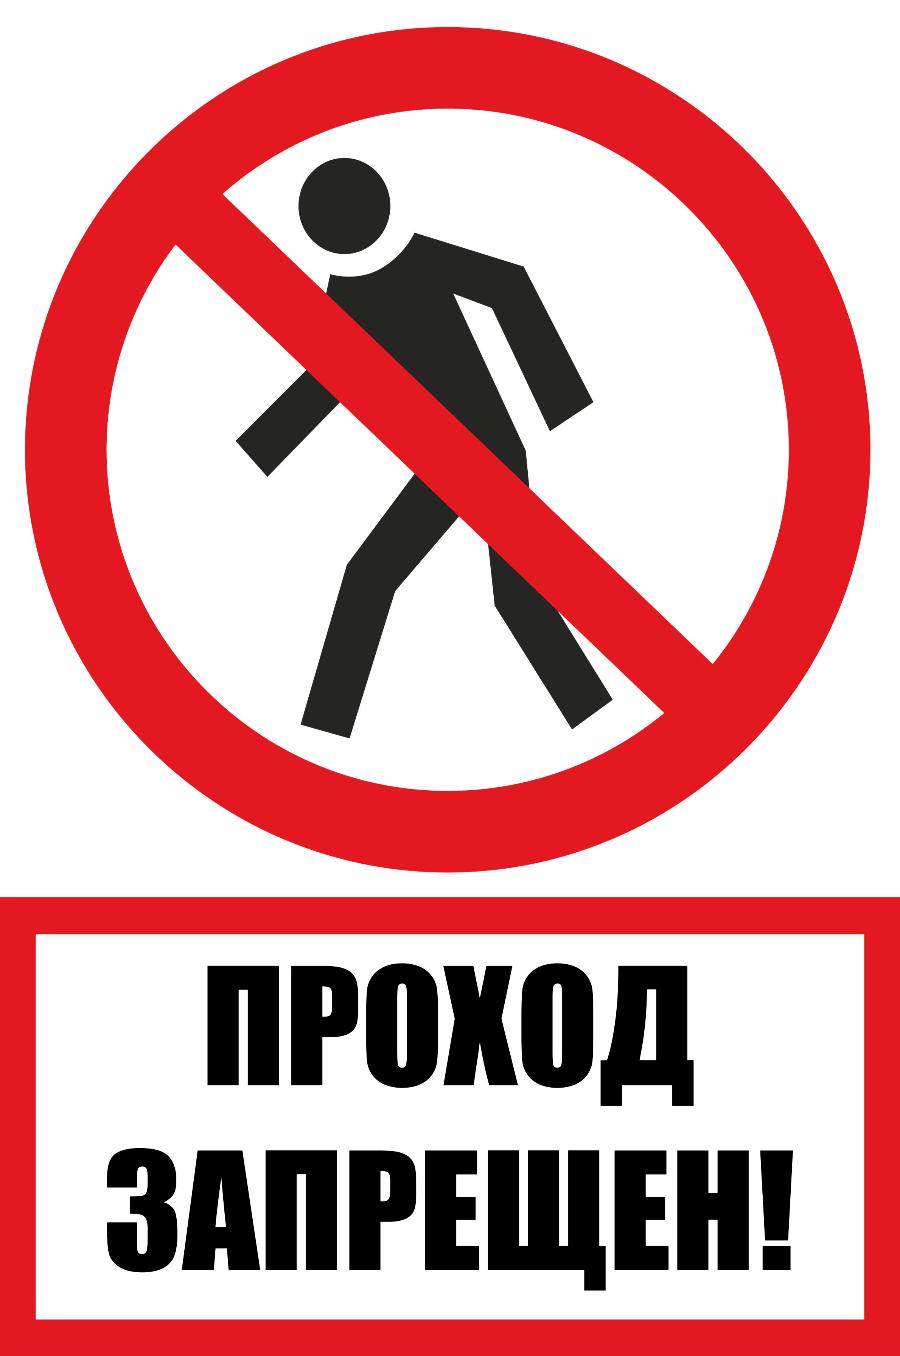 你知道常见标志的俄语表达吗?